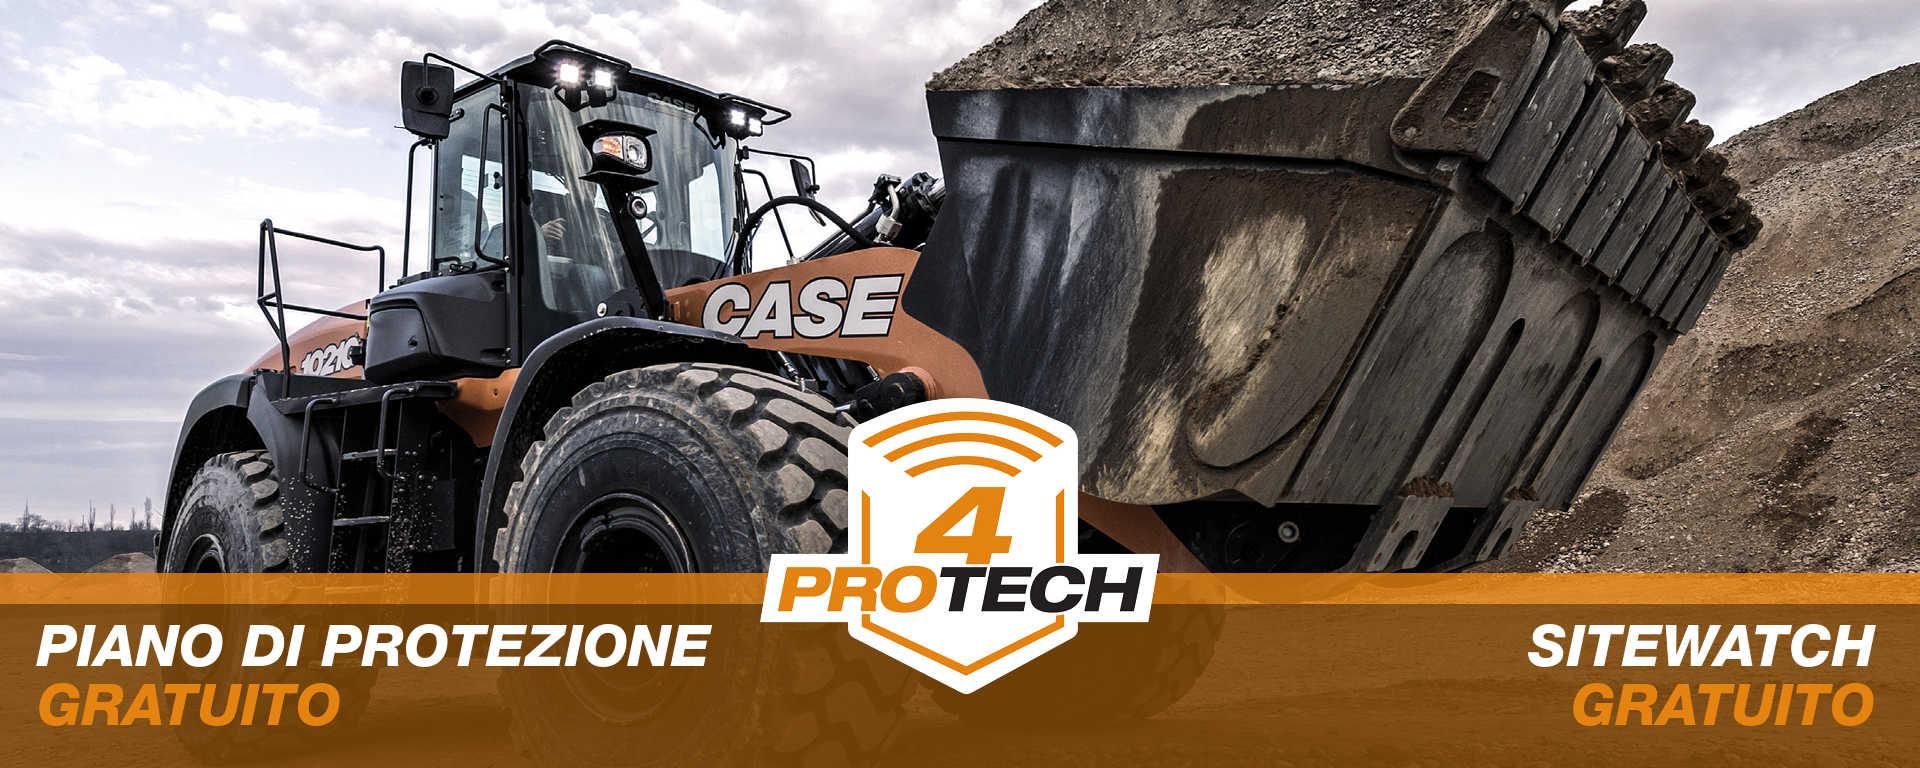 CASE protech 4